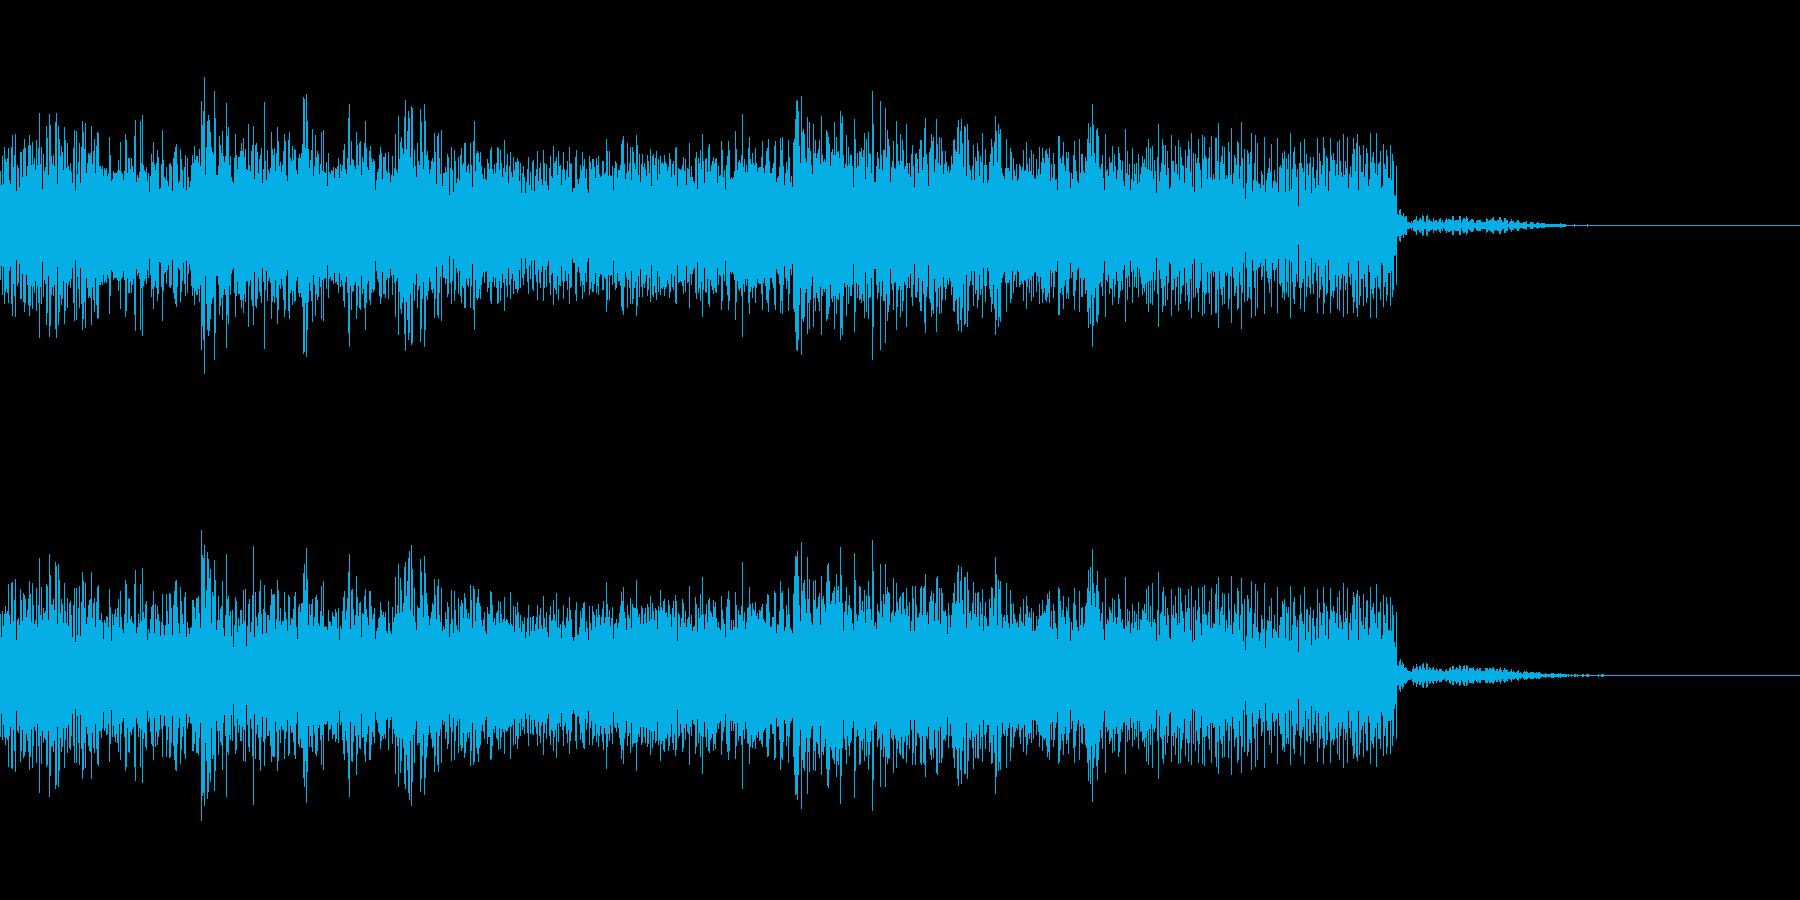 メタル系のジングル 場面転換 CMインの再生済みの波形